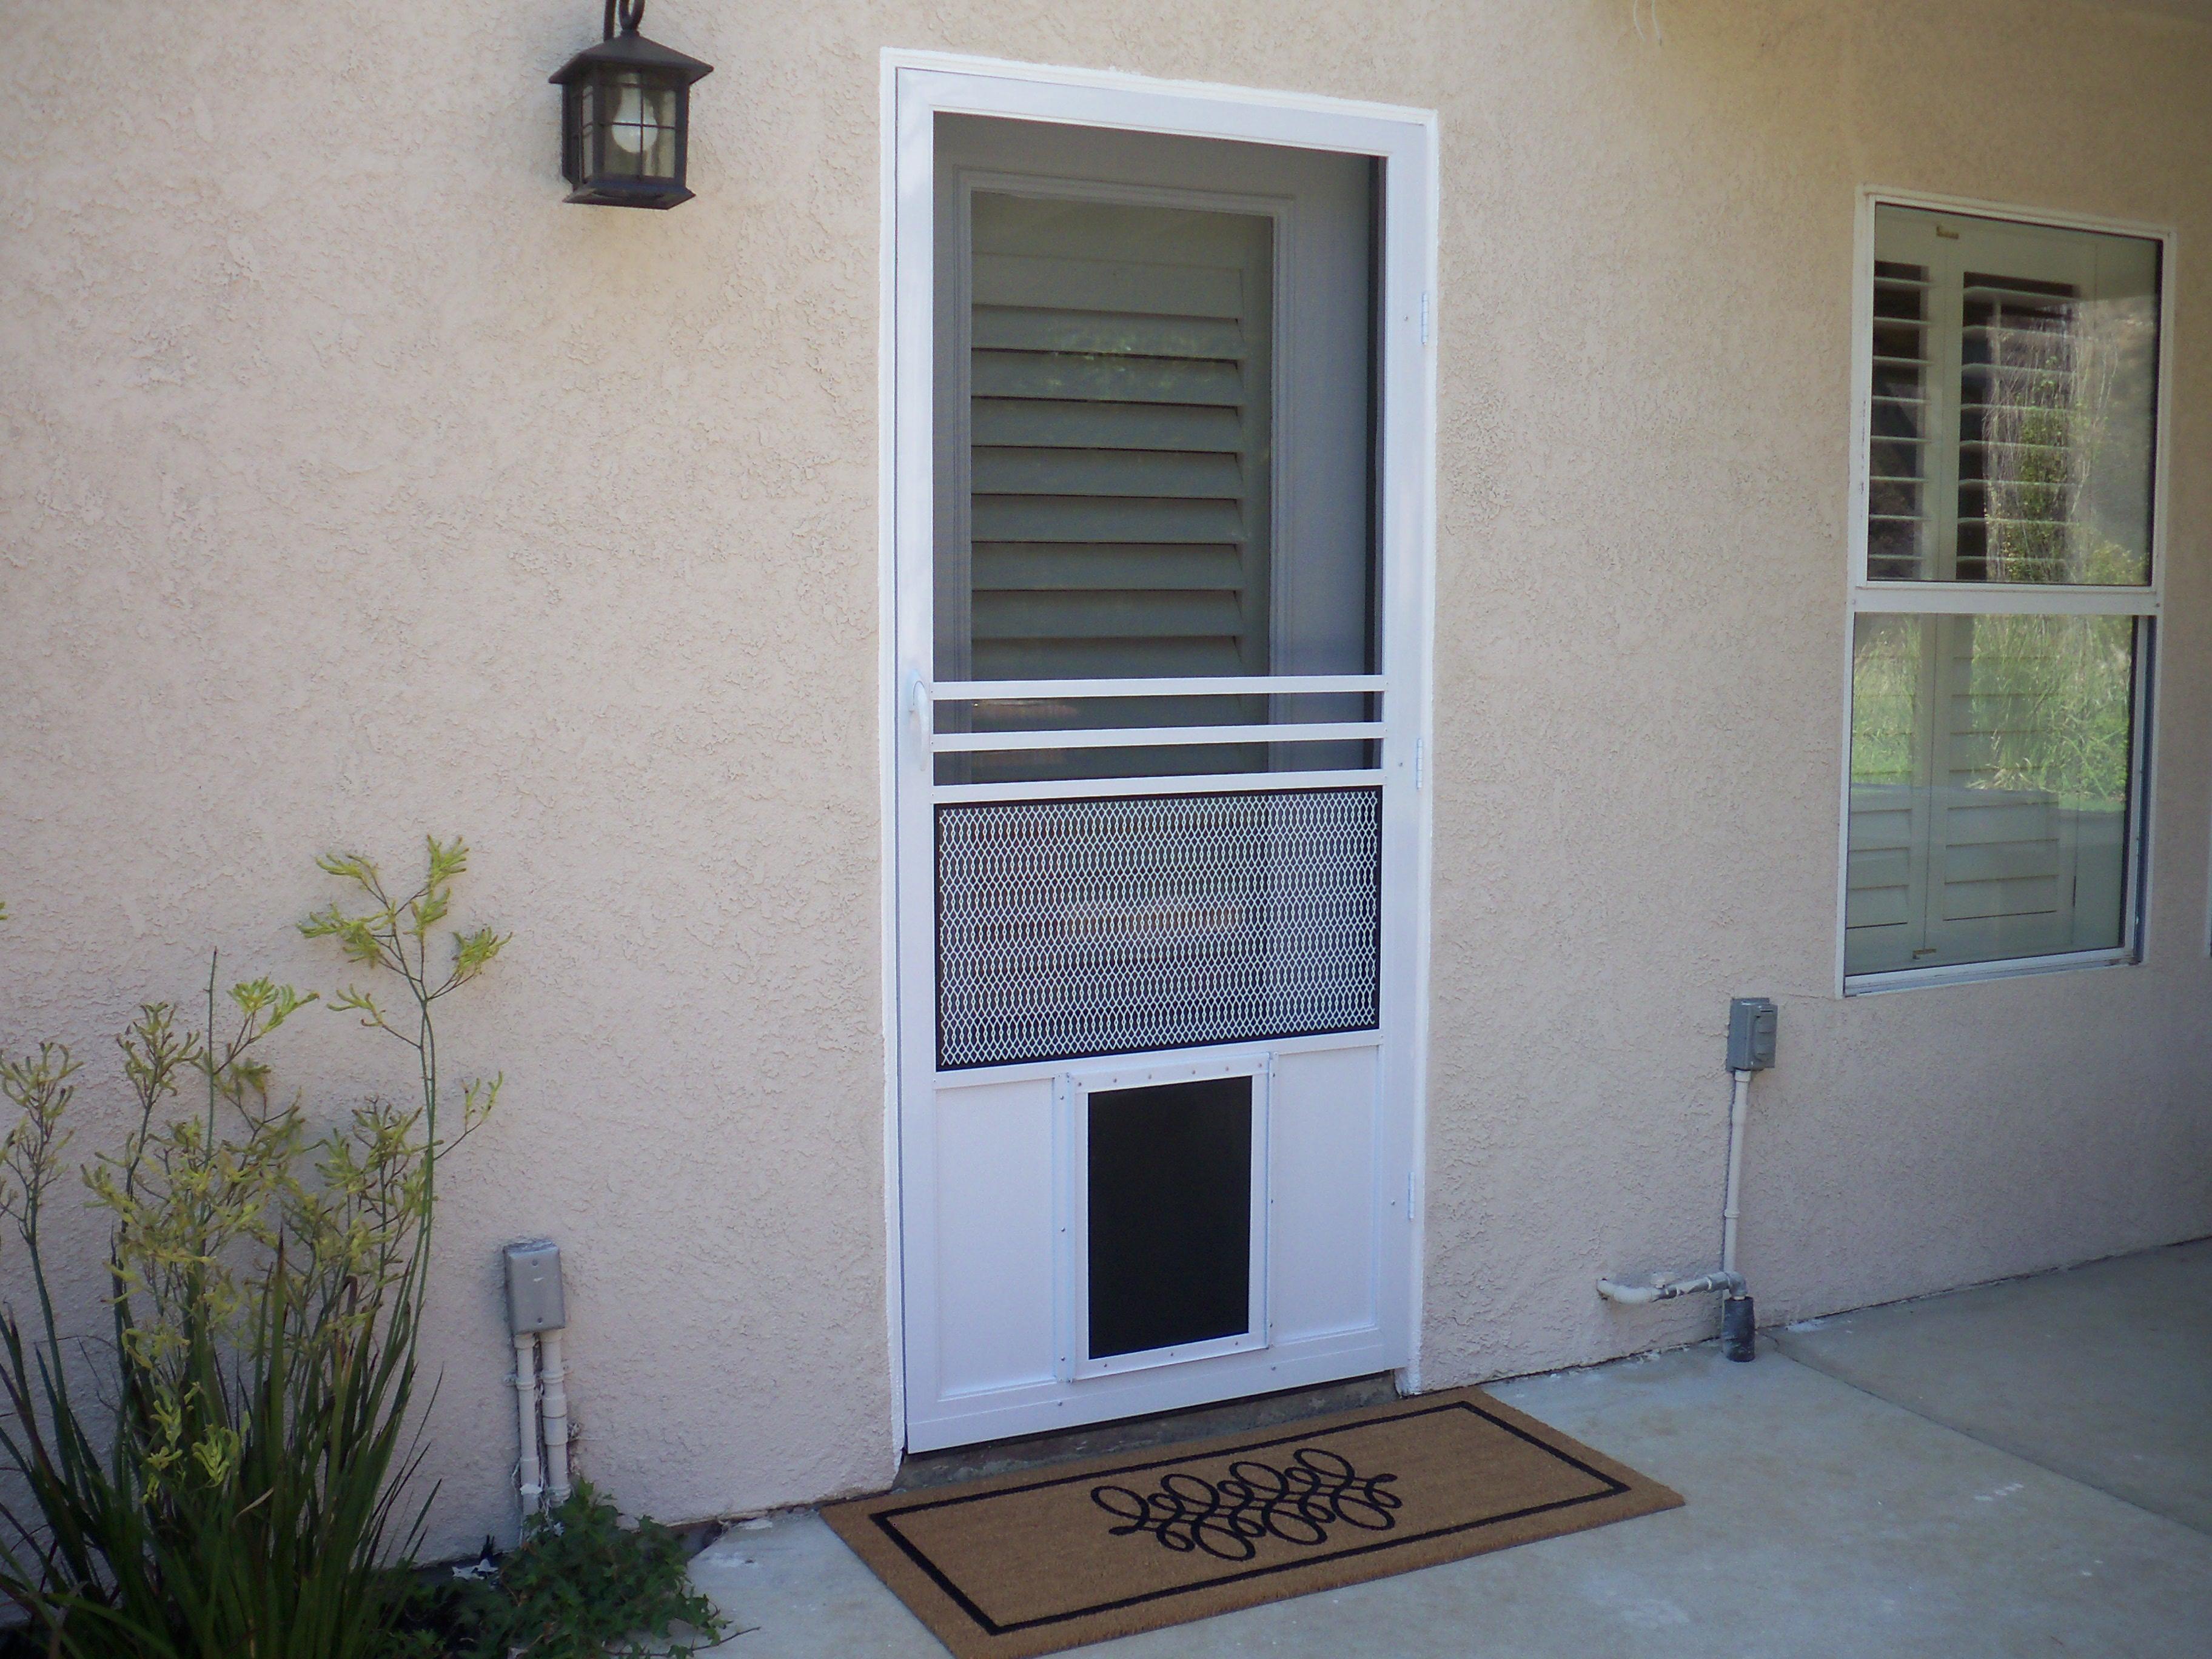 Pet Door installed on swinging screen door